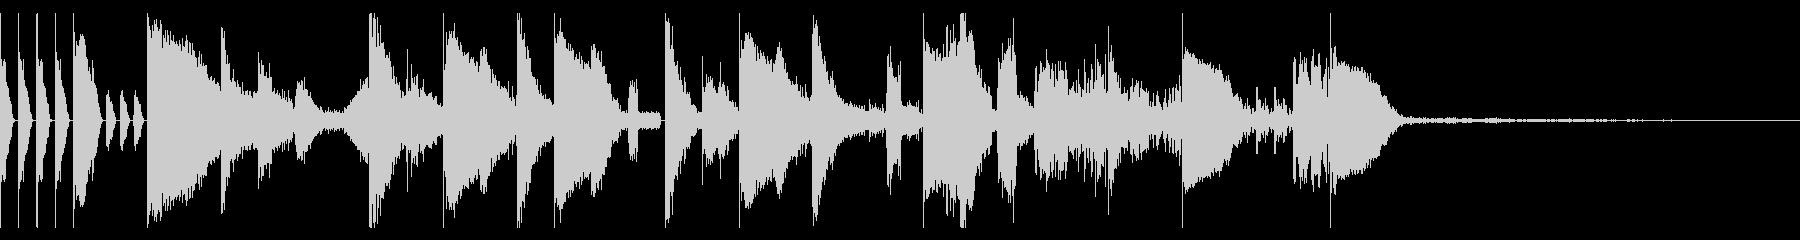 Tonal FX、155 BPMの未再生の波形